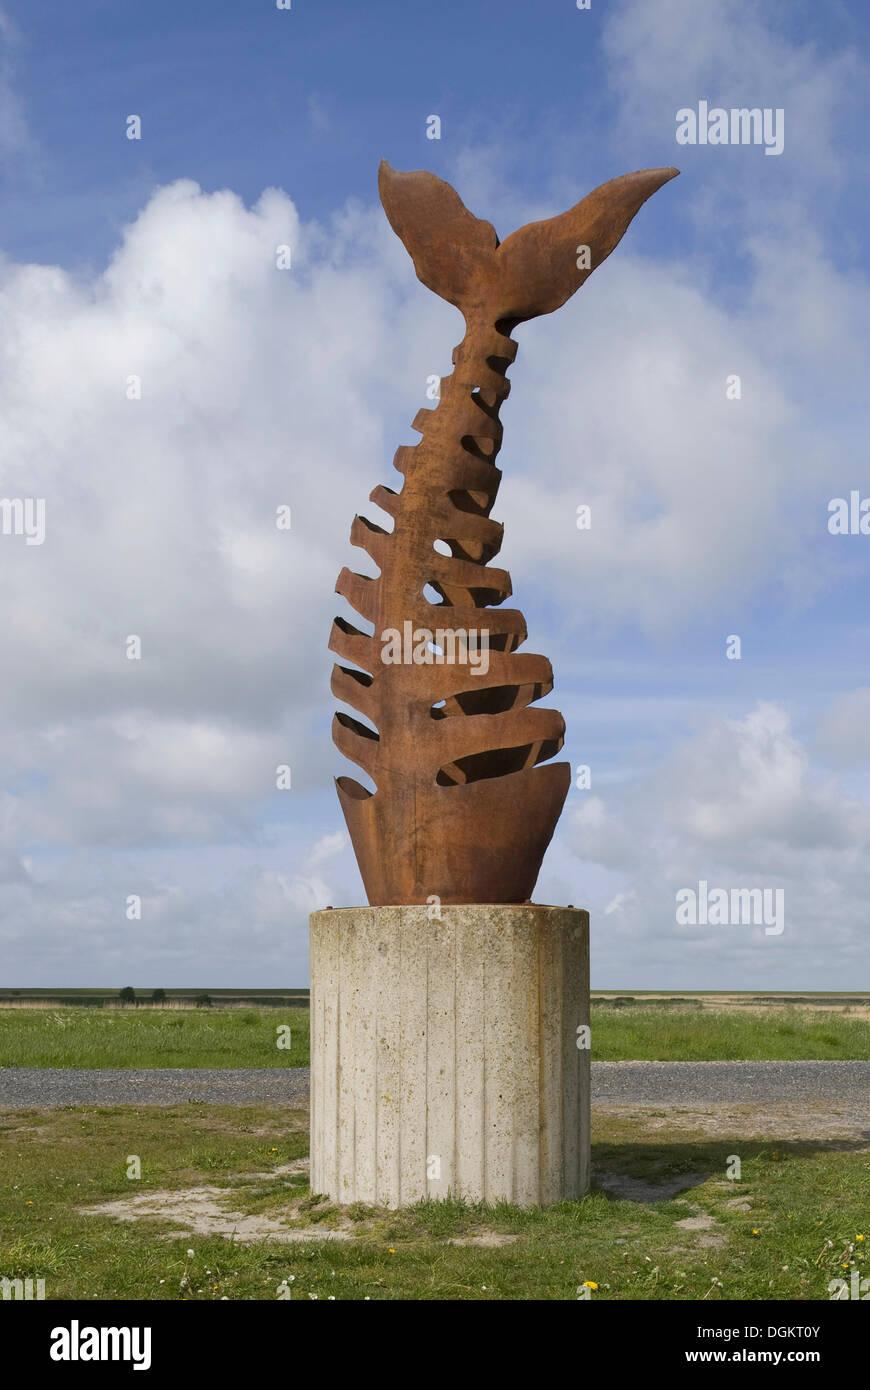 Skulptur Fischgräte, linke Seite des Hafens, Krummhoern, Ostfriesland, Greetsiel, Niedersachsen Stockbild